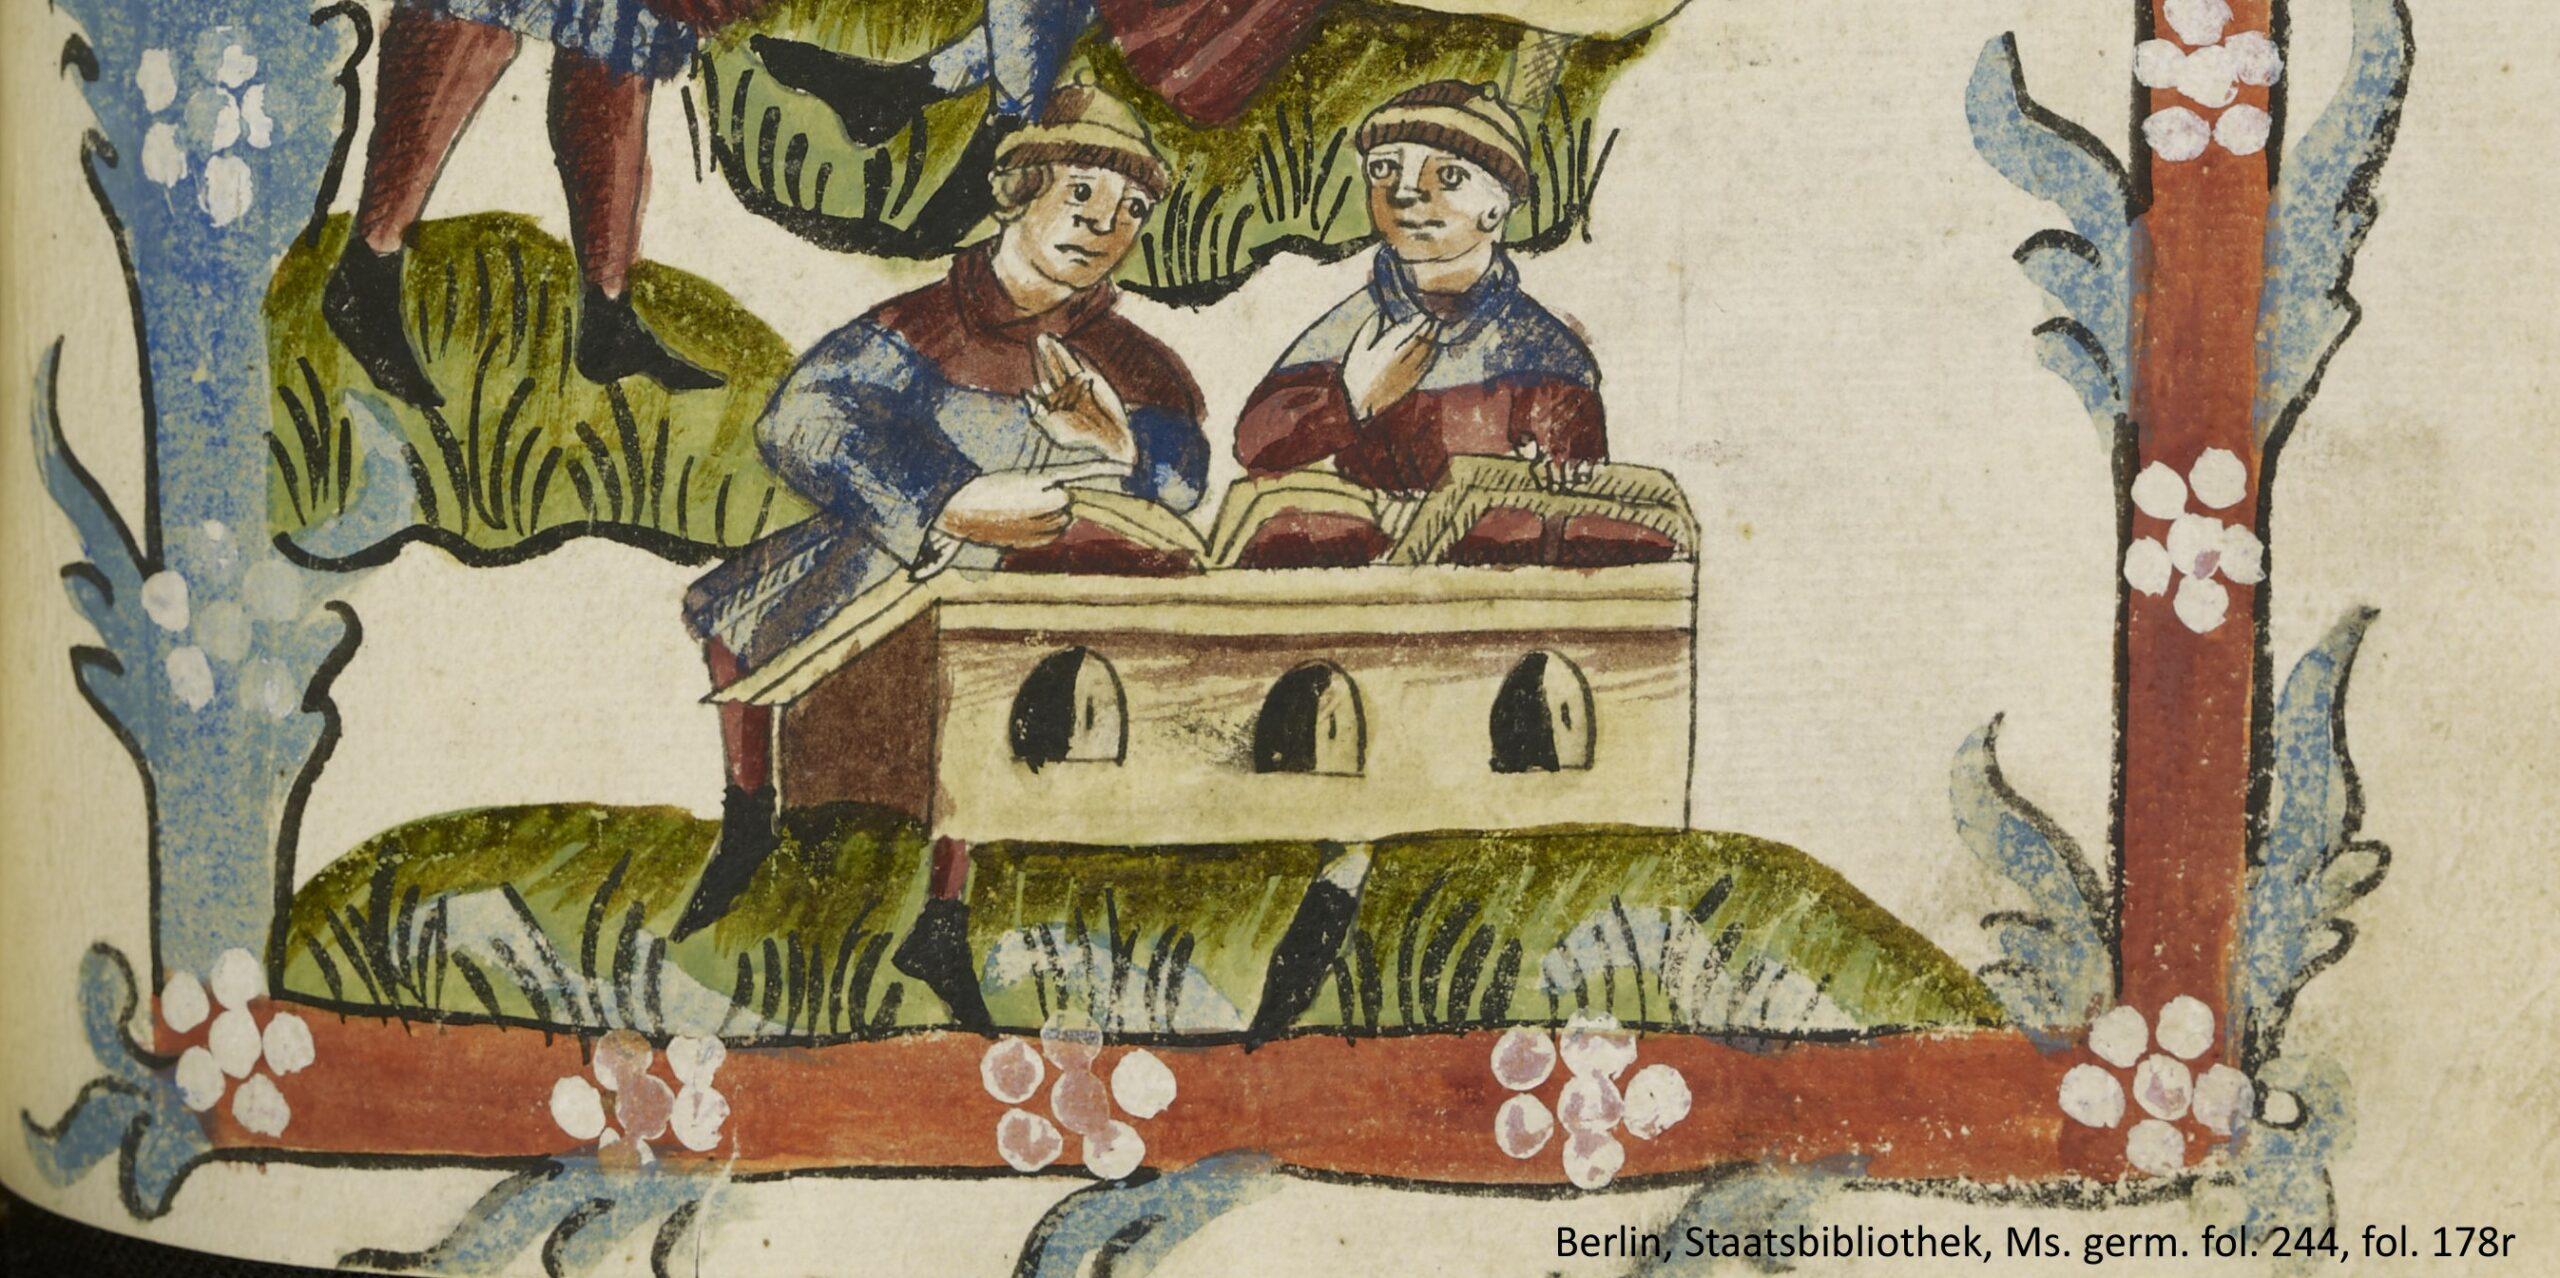 ZWei Männer vor einem Schreibtisch mit aufgeschlagenen Büchern sitzend.